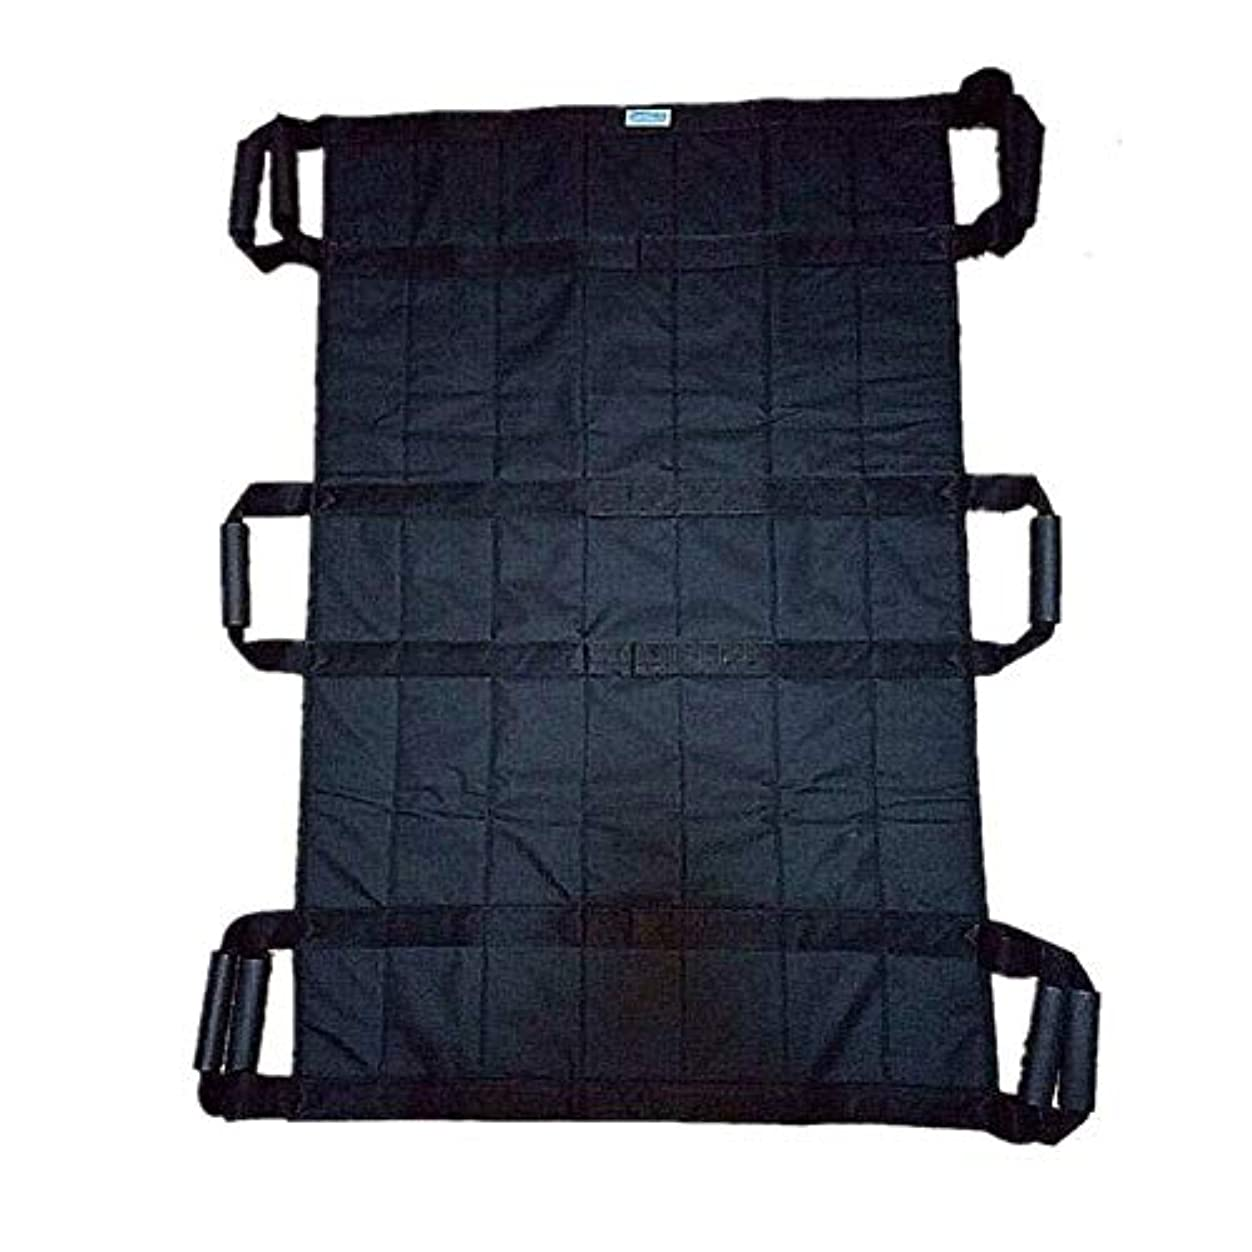 砲撃野なローラートランスファーボードスライドベルト-患者リフトベッド支援デバイス-患者輸送リフトスリング-位置決めベッドパッド